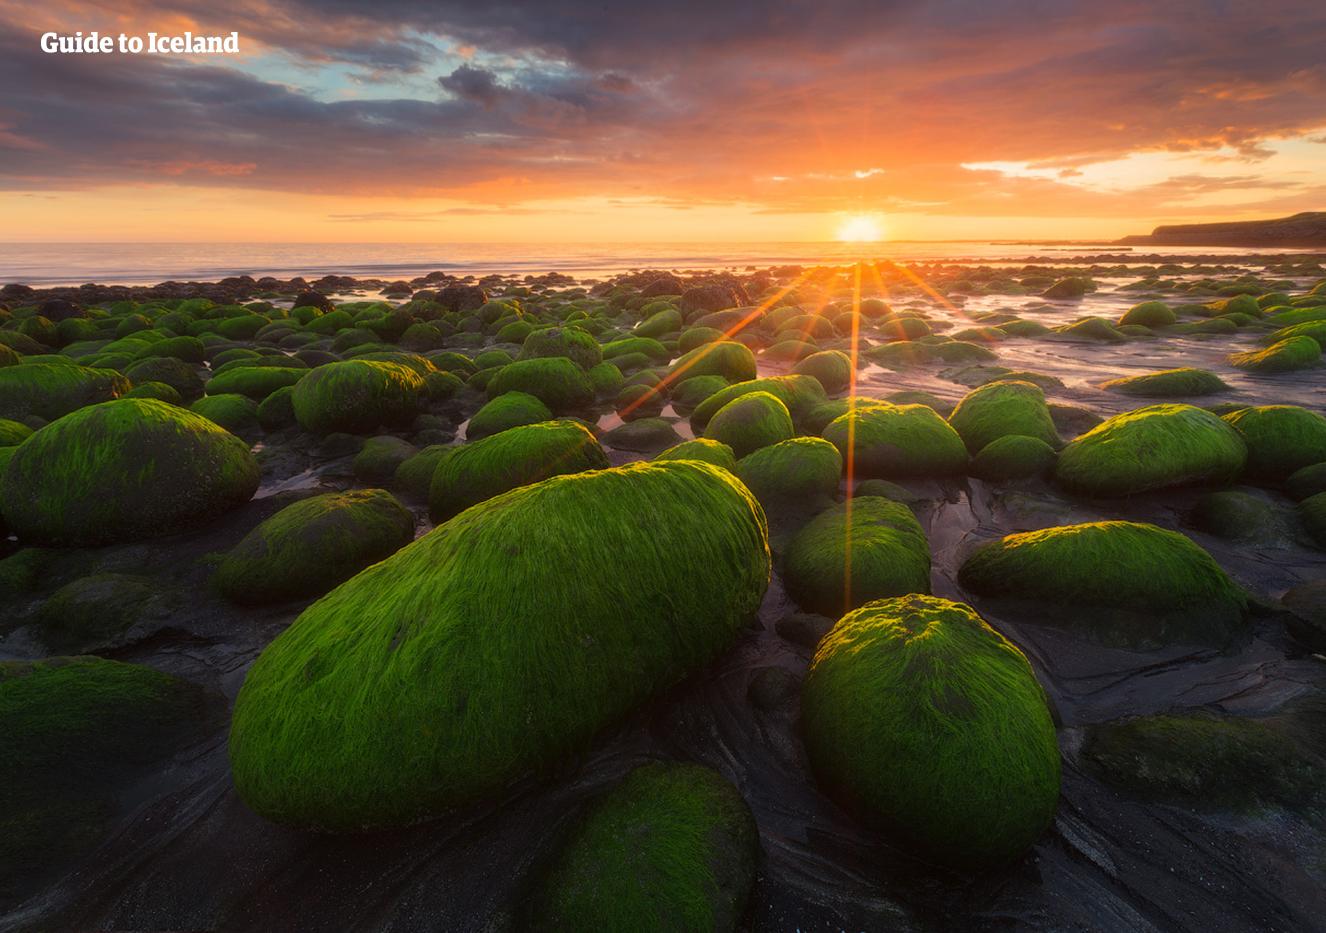 冰岛夏季灿烂的午夜阳光